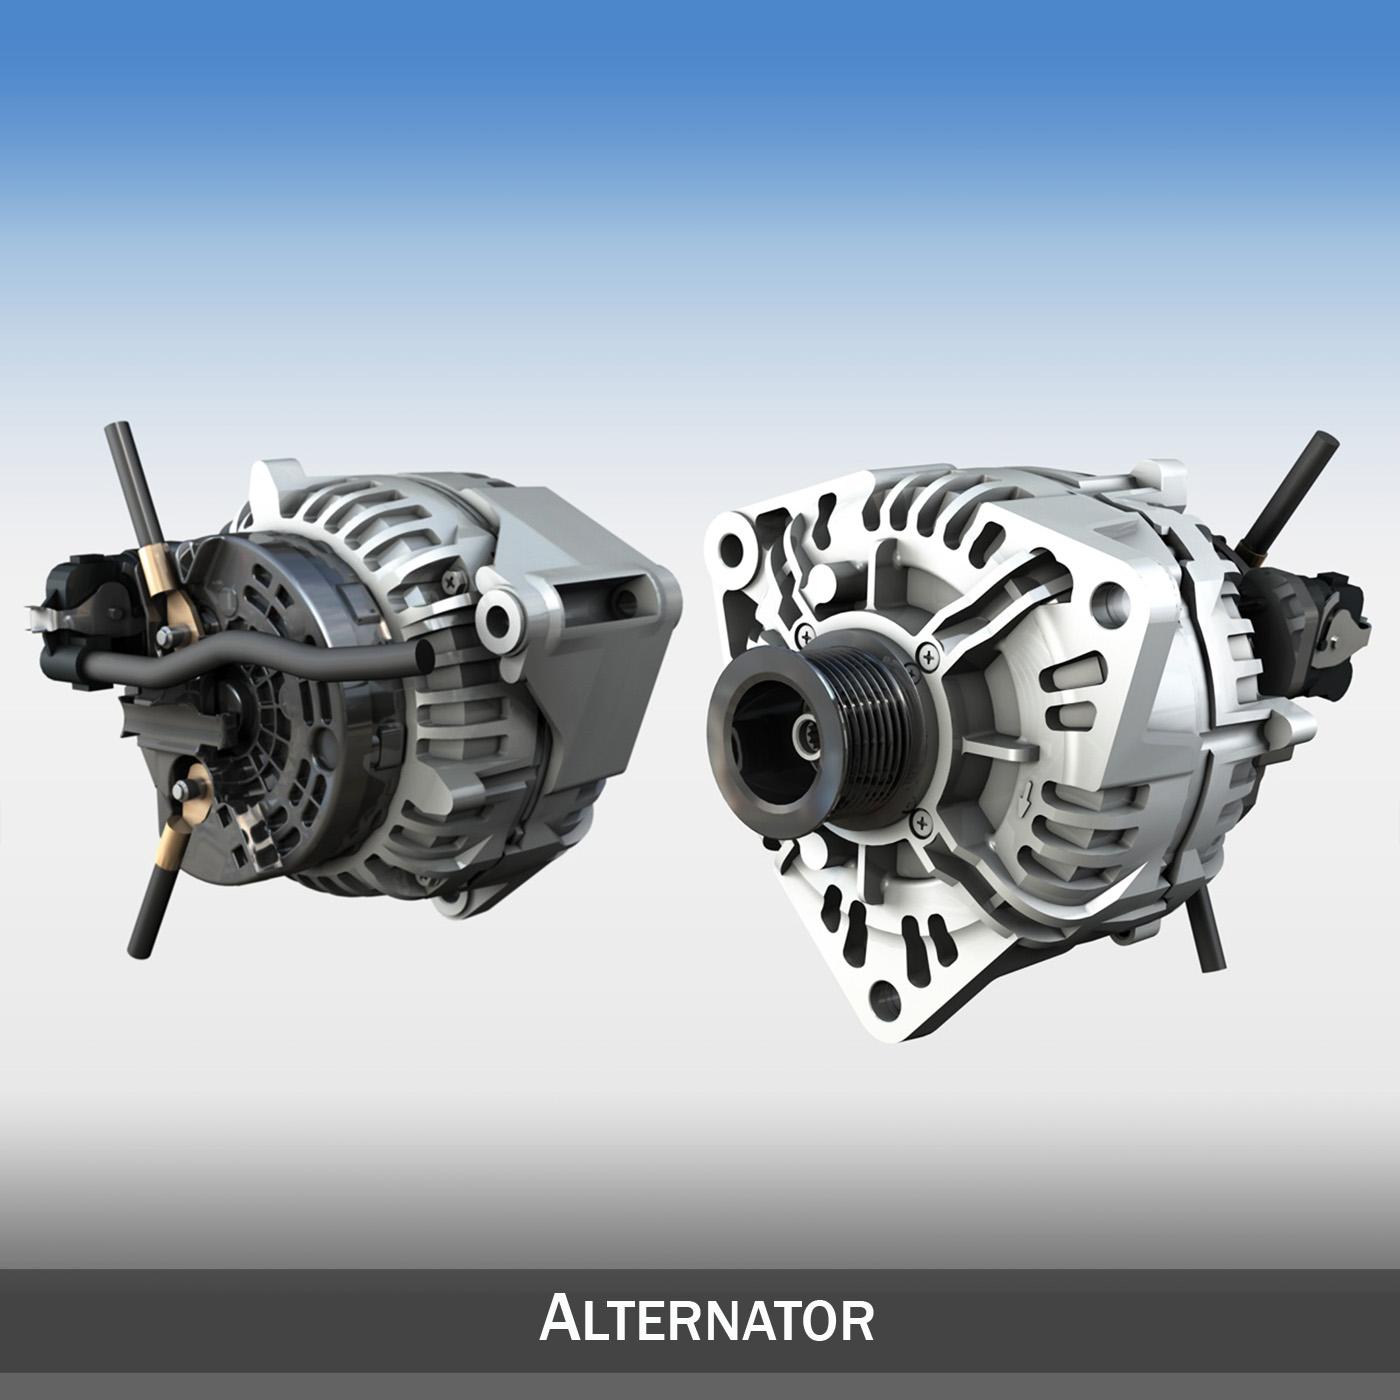 Alternator 3d model 3ds c4d lwo lws lw obj 263857